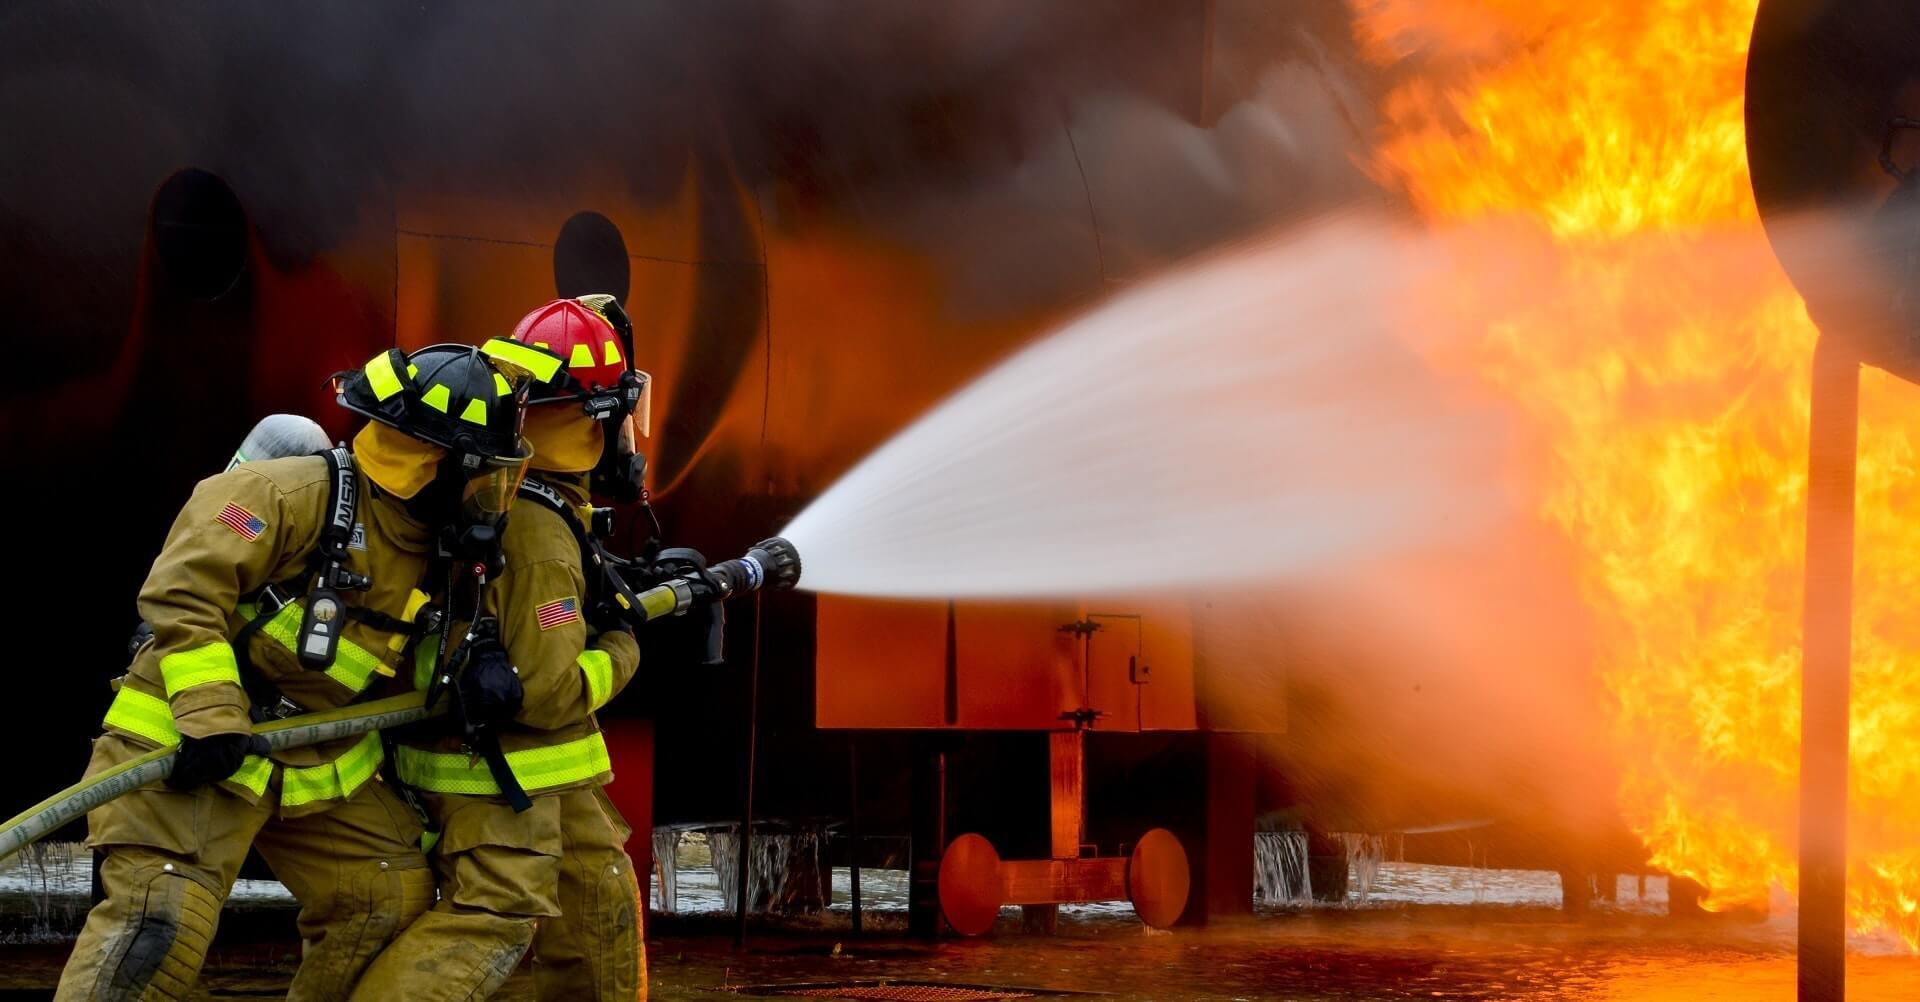 Единства россии, картинки про пожарных спасателей